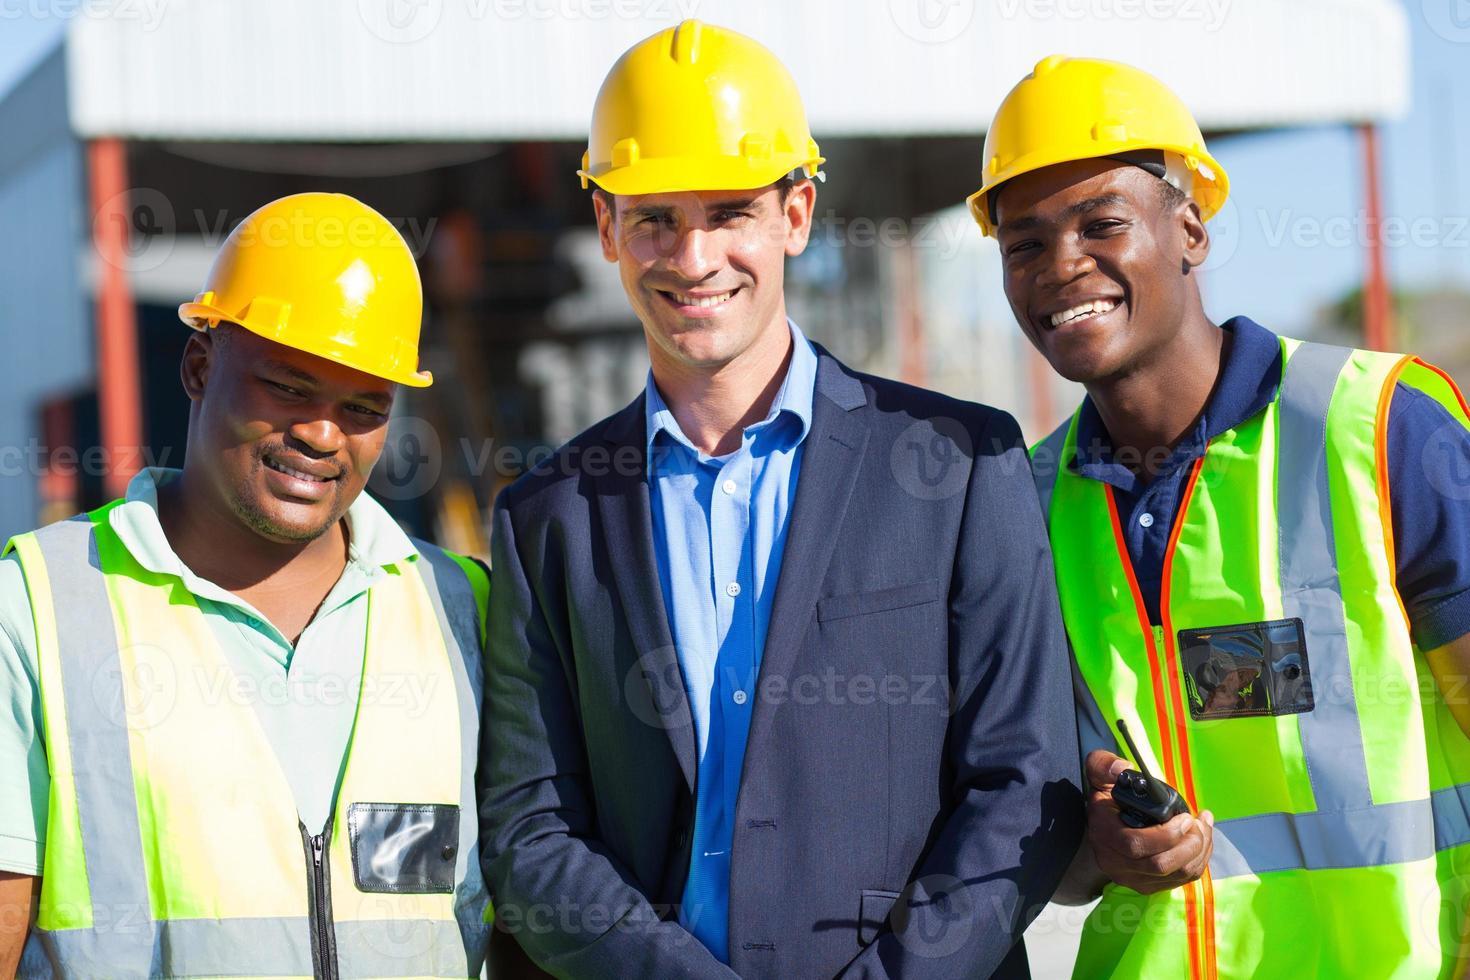 bouw zakenman en werknemers foto